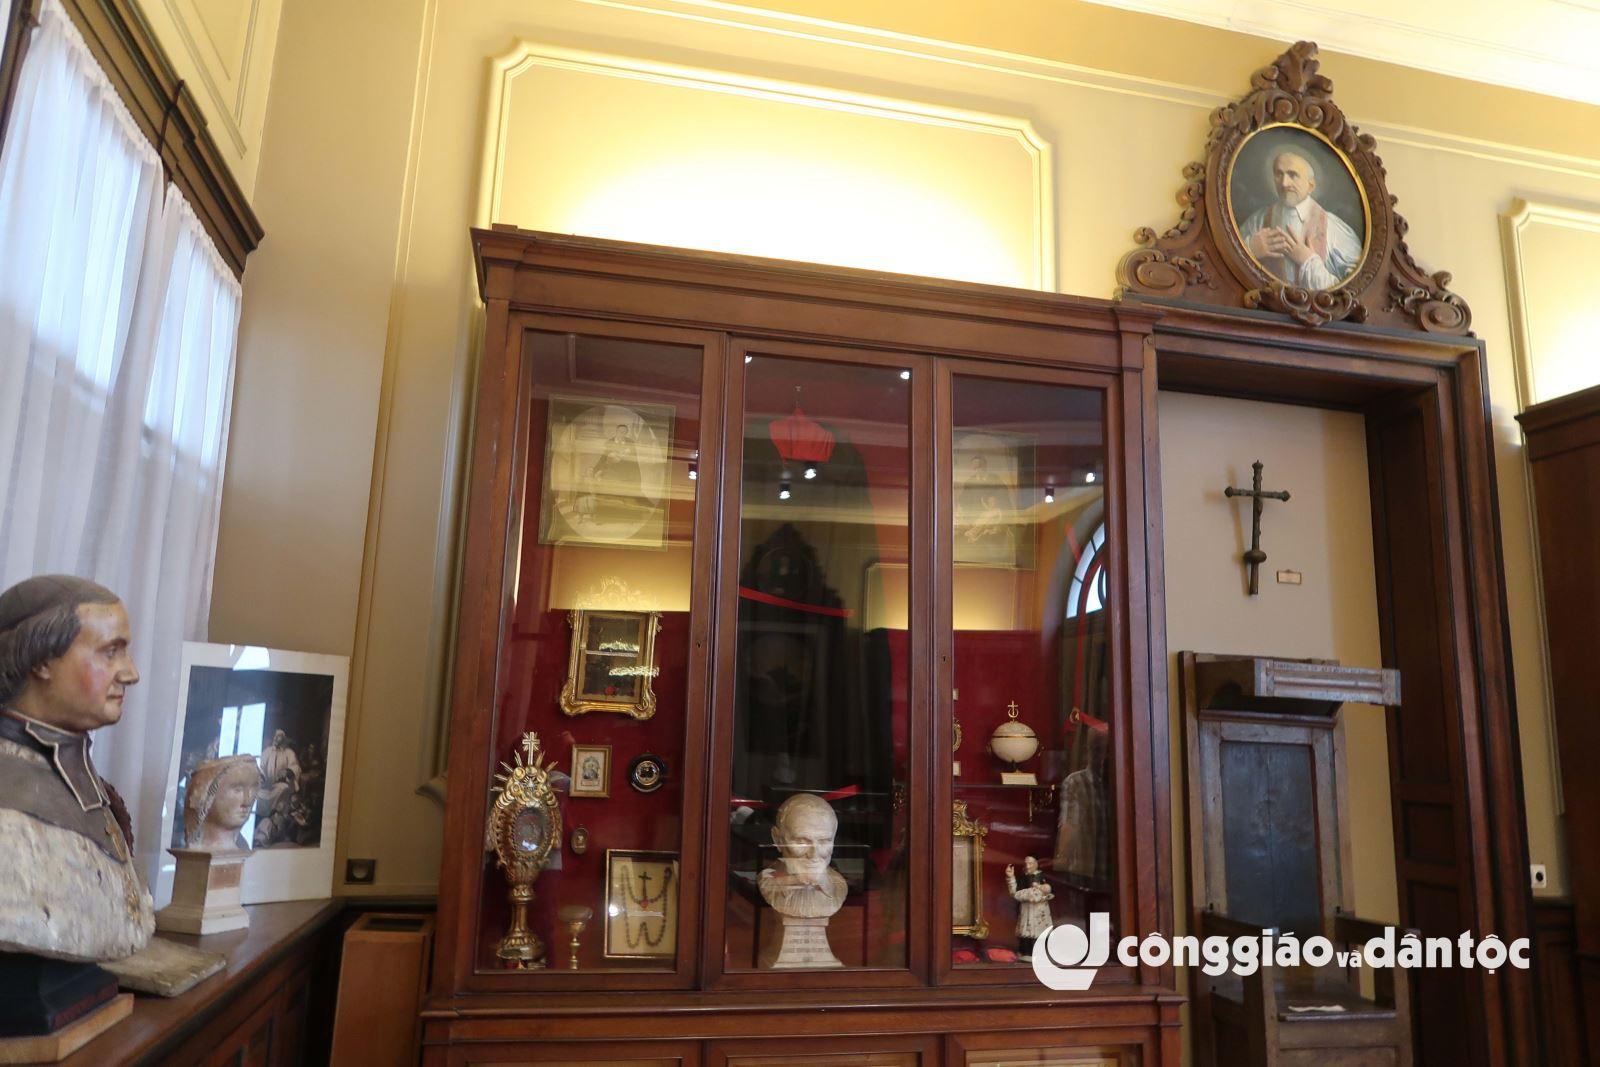 Viếng di hài thánh Vinh sơn Phaolô tại Paris - 16